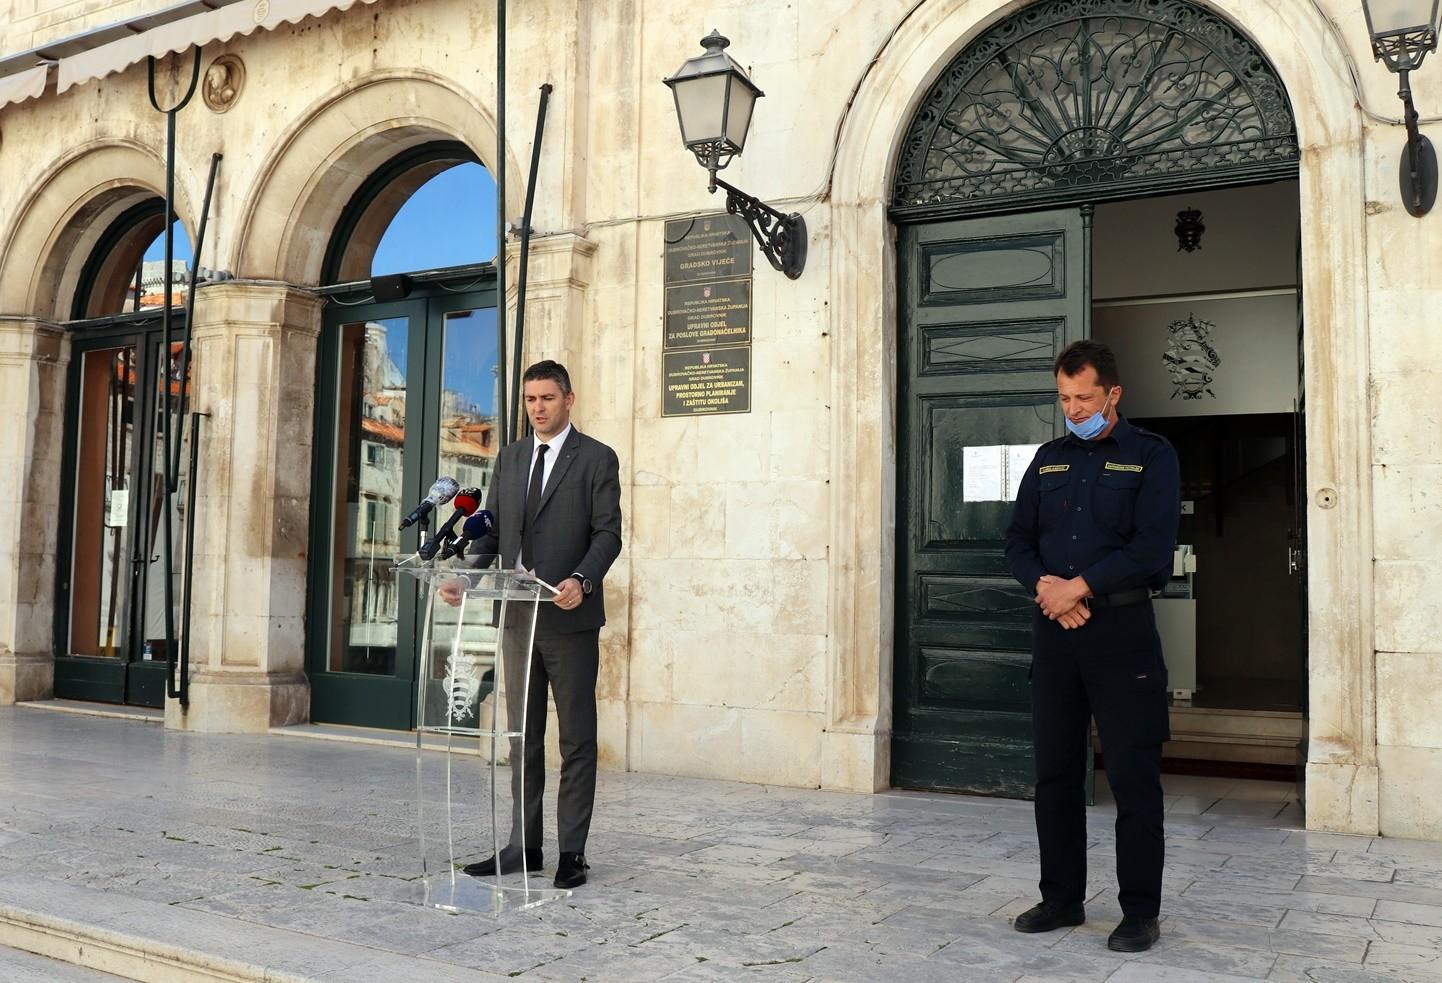 Gradonačelnik Franković i načelnik CZ Krilanović pozvali  na suživot s pripadnicima civilne zaštite